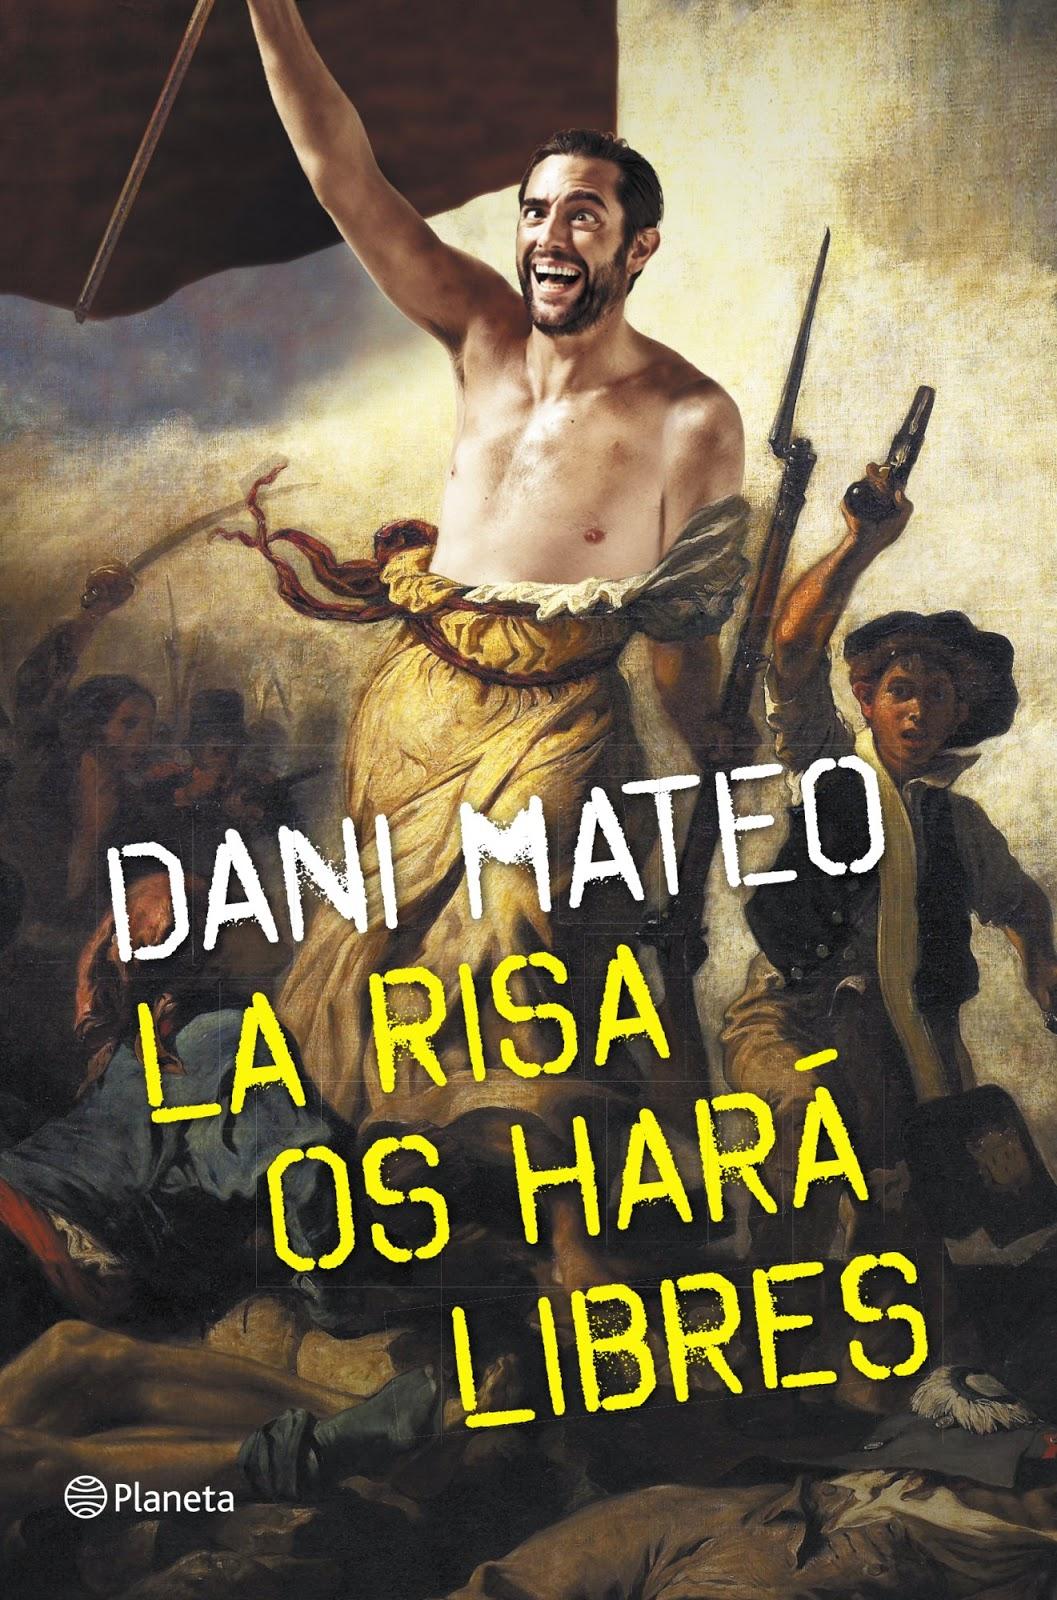 http://www.planetadelibros.com/la-risa-os-hara-libres-libro-118131.html